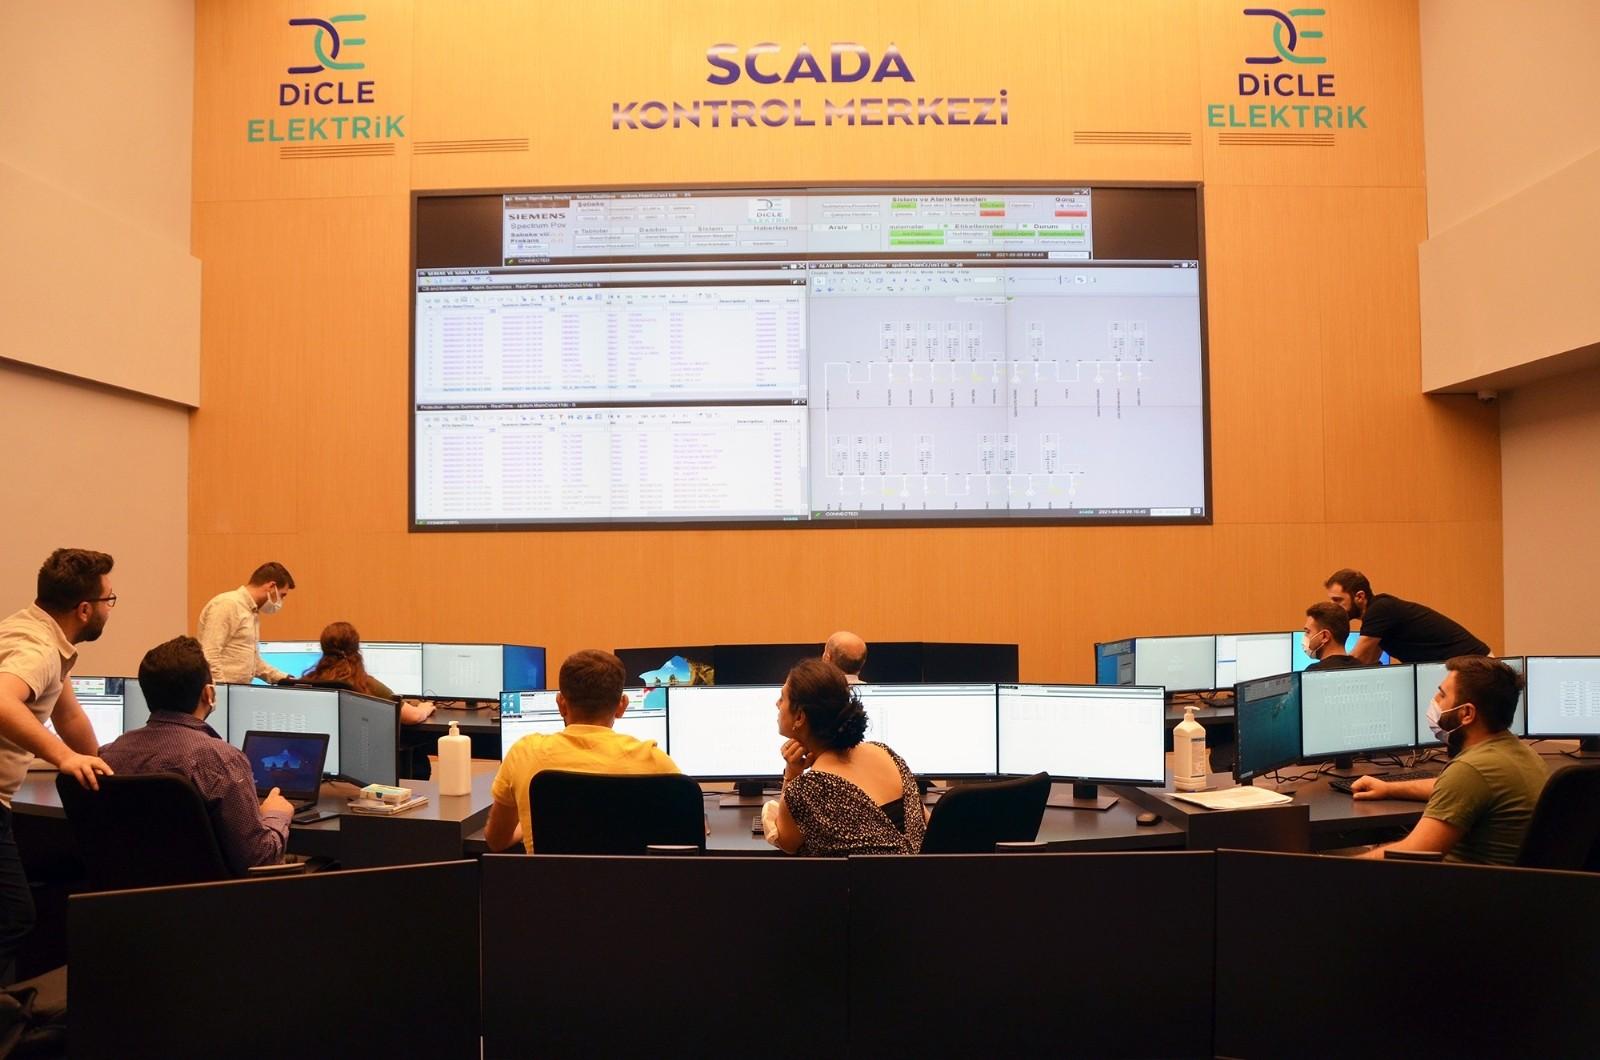 Dicle Elektrik, 59 milyon liralık yatırımla SCADA merkezi kurdu